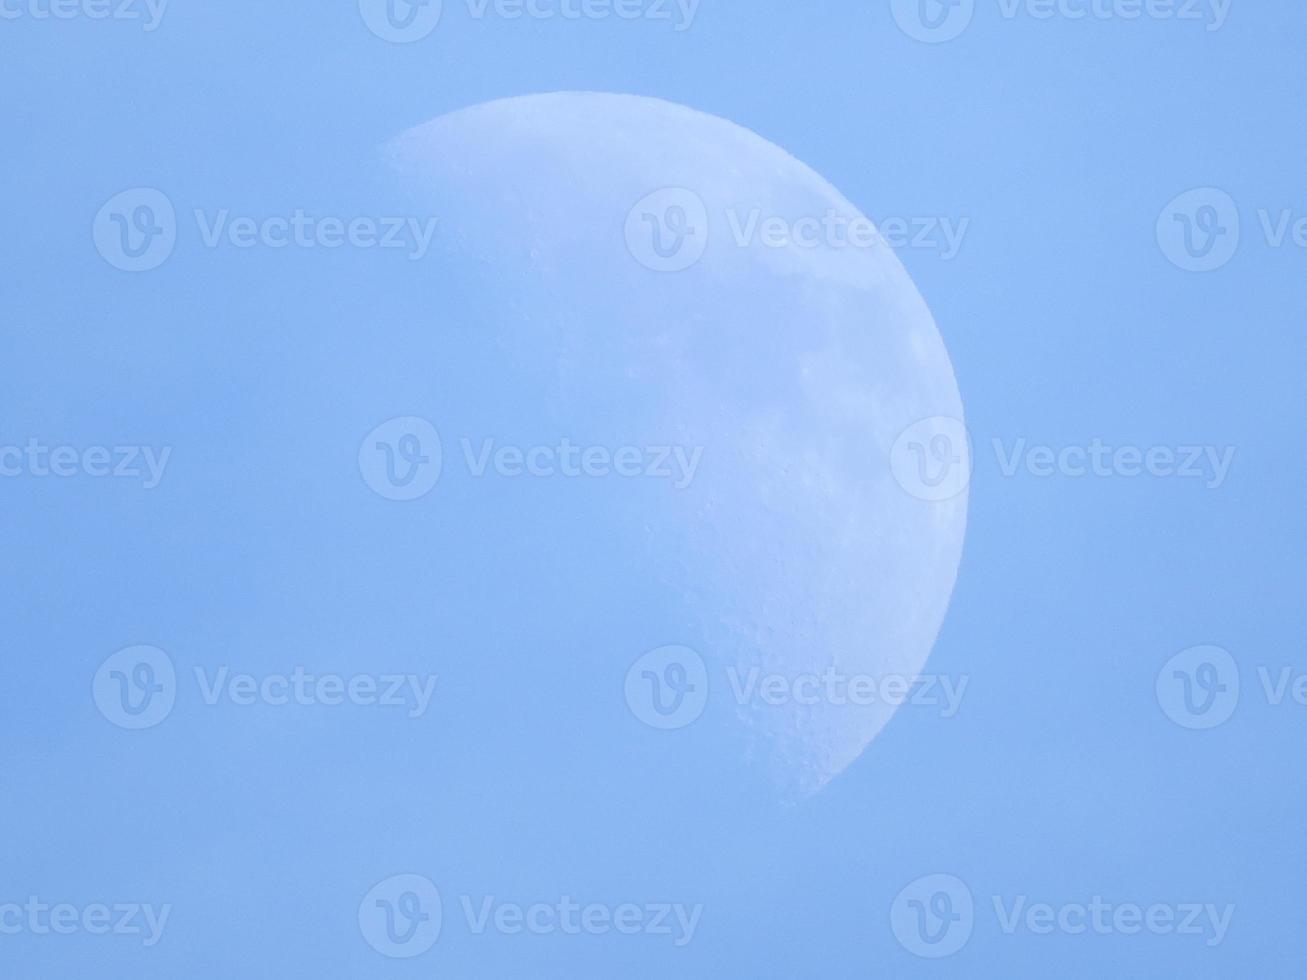 halve maan in de blauwe lucht gedurende de dag foto